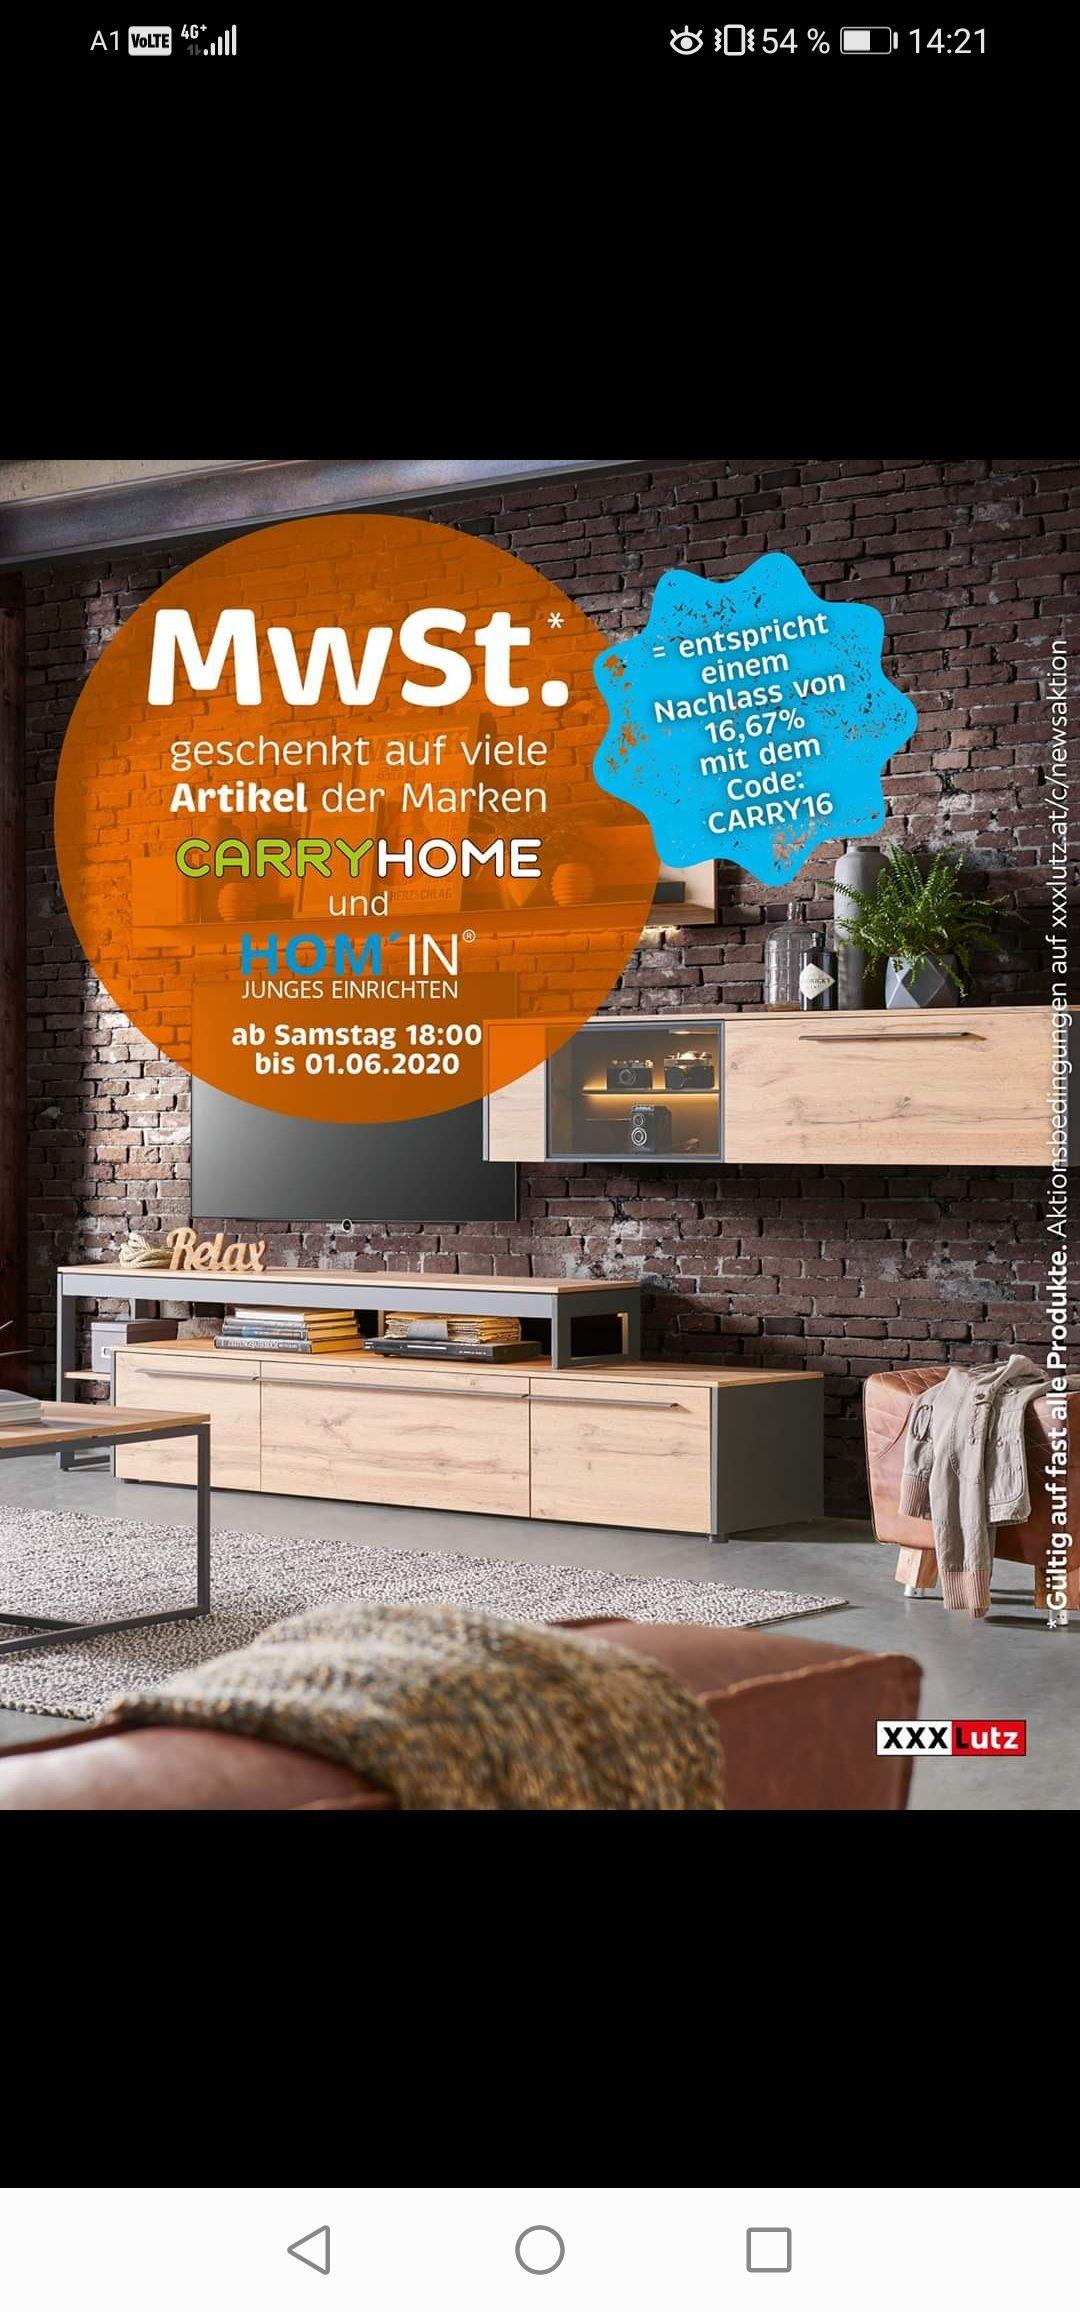 MwSt geschenkt auf viele Artikel der Marken Carry Home und Hom' in [XXXLutz]